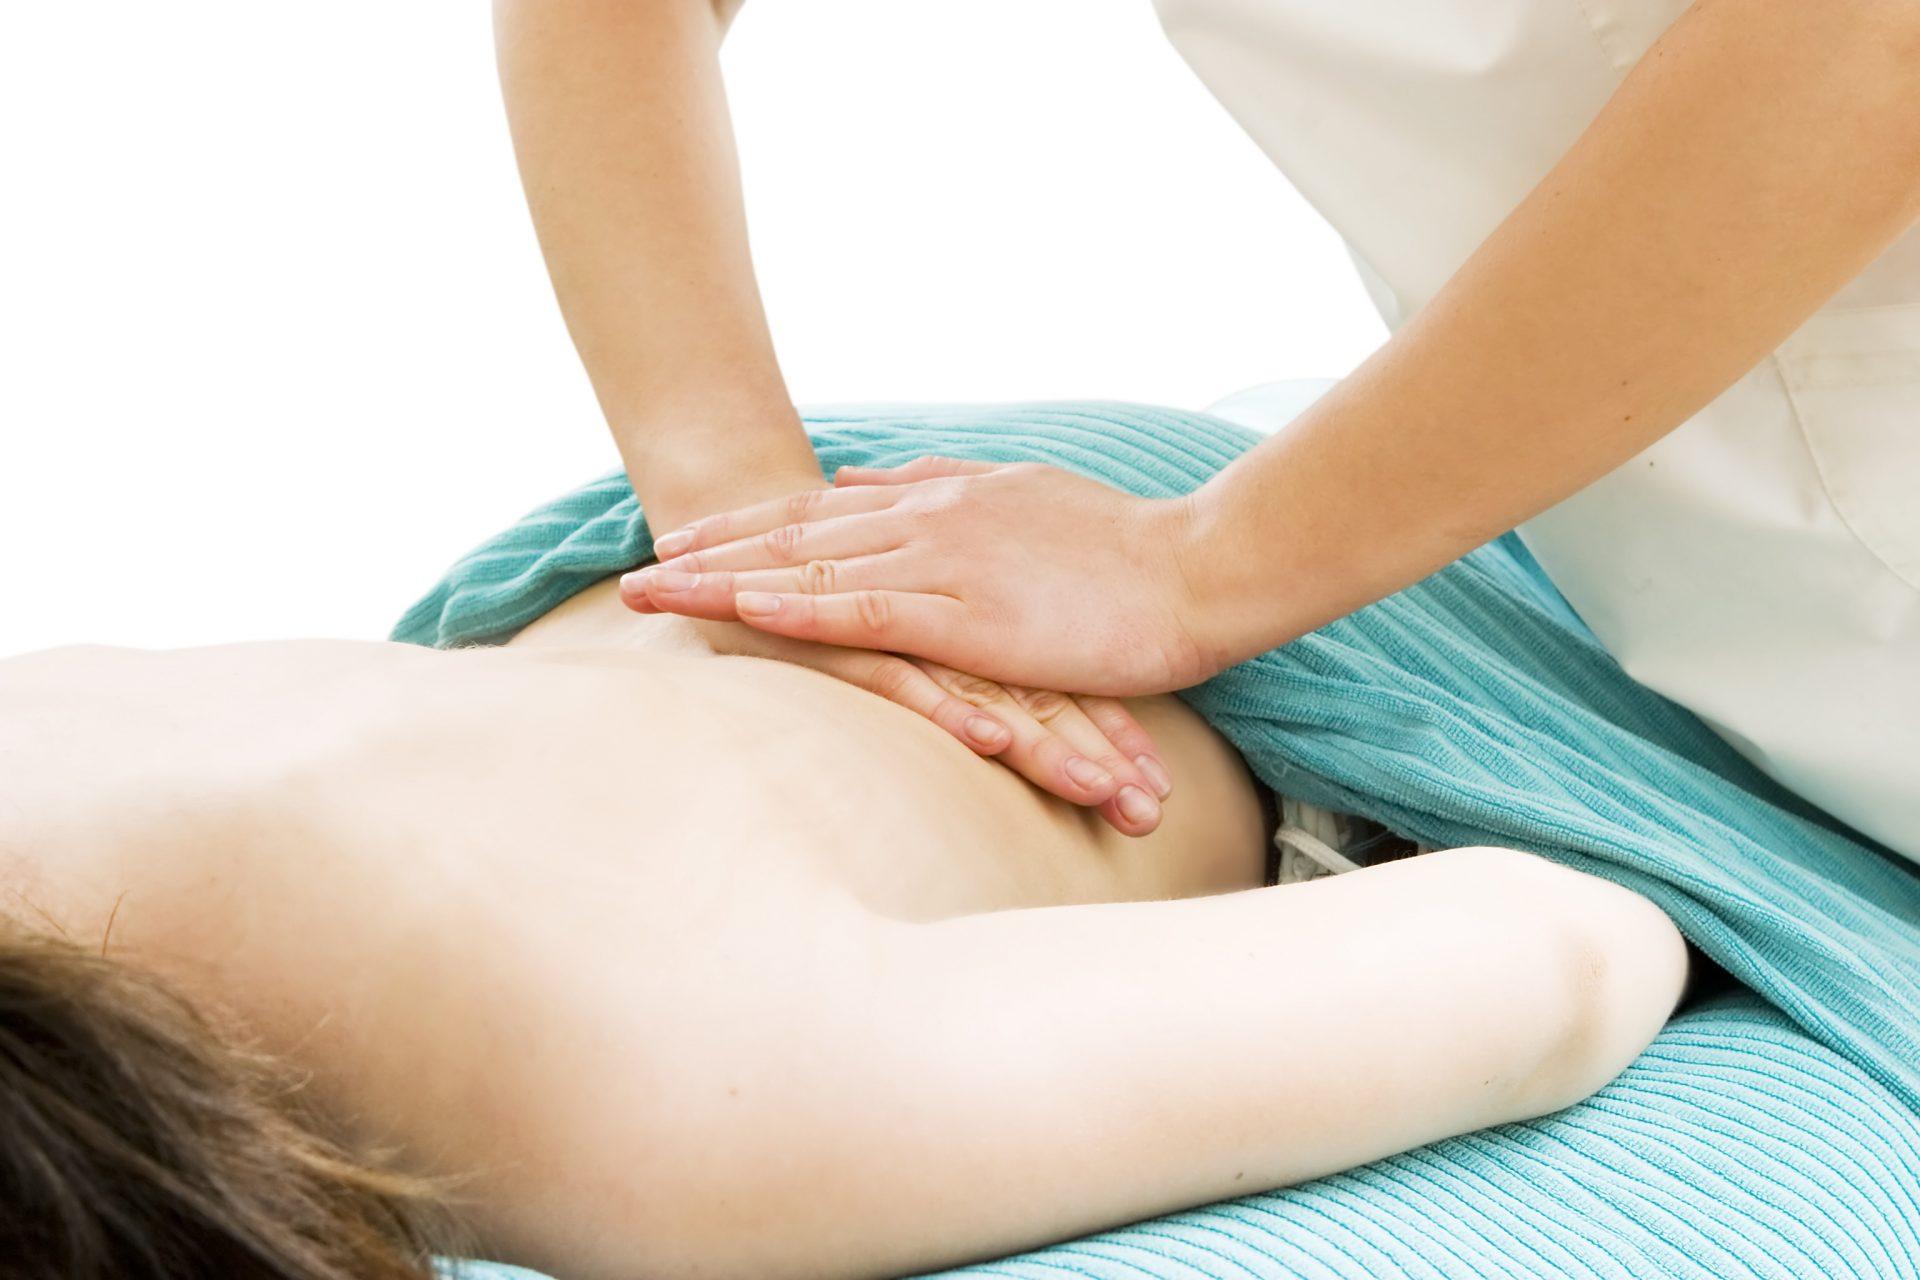 Masaje descontracturante de espalda aplicado en nuestra clínica de Fisioterapia en Madrid